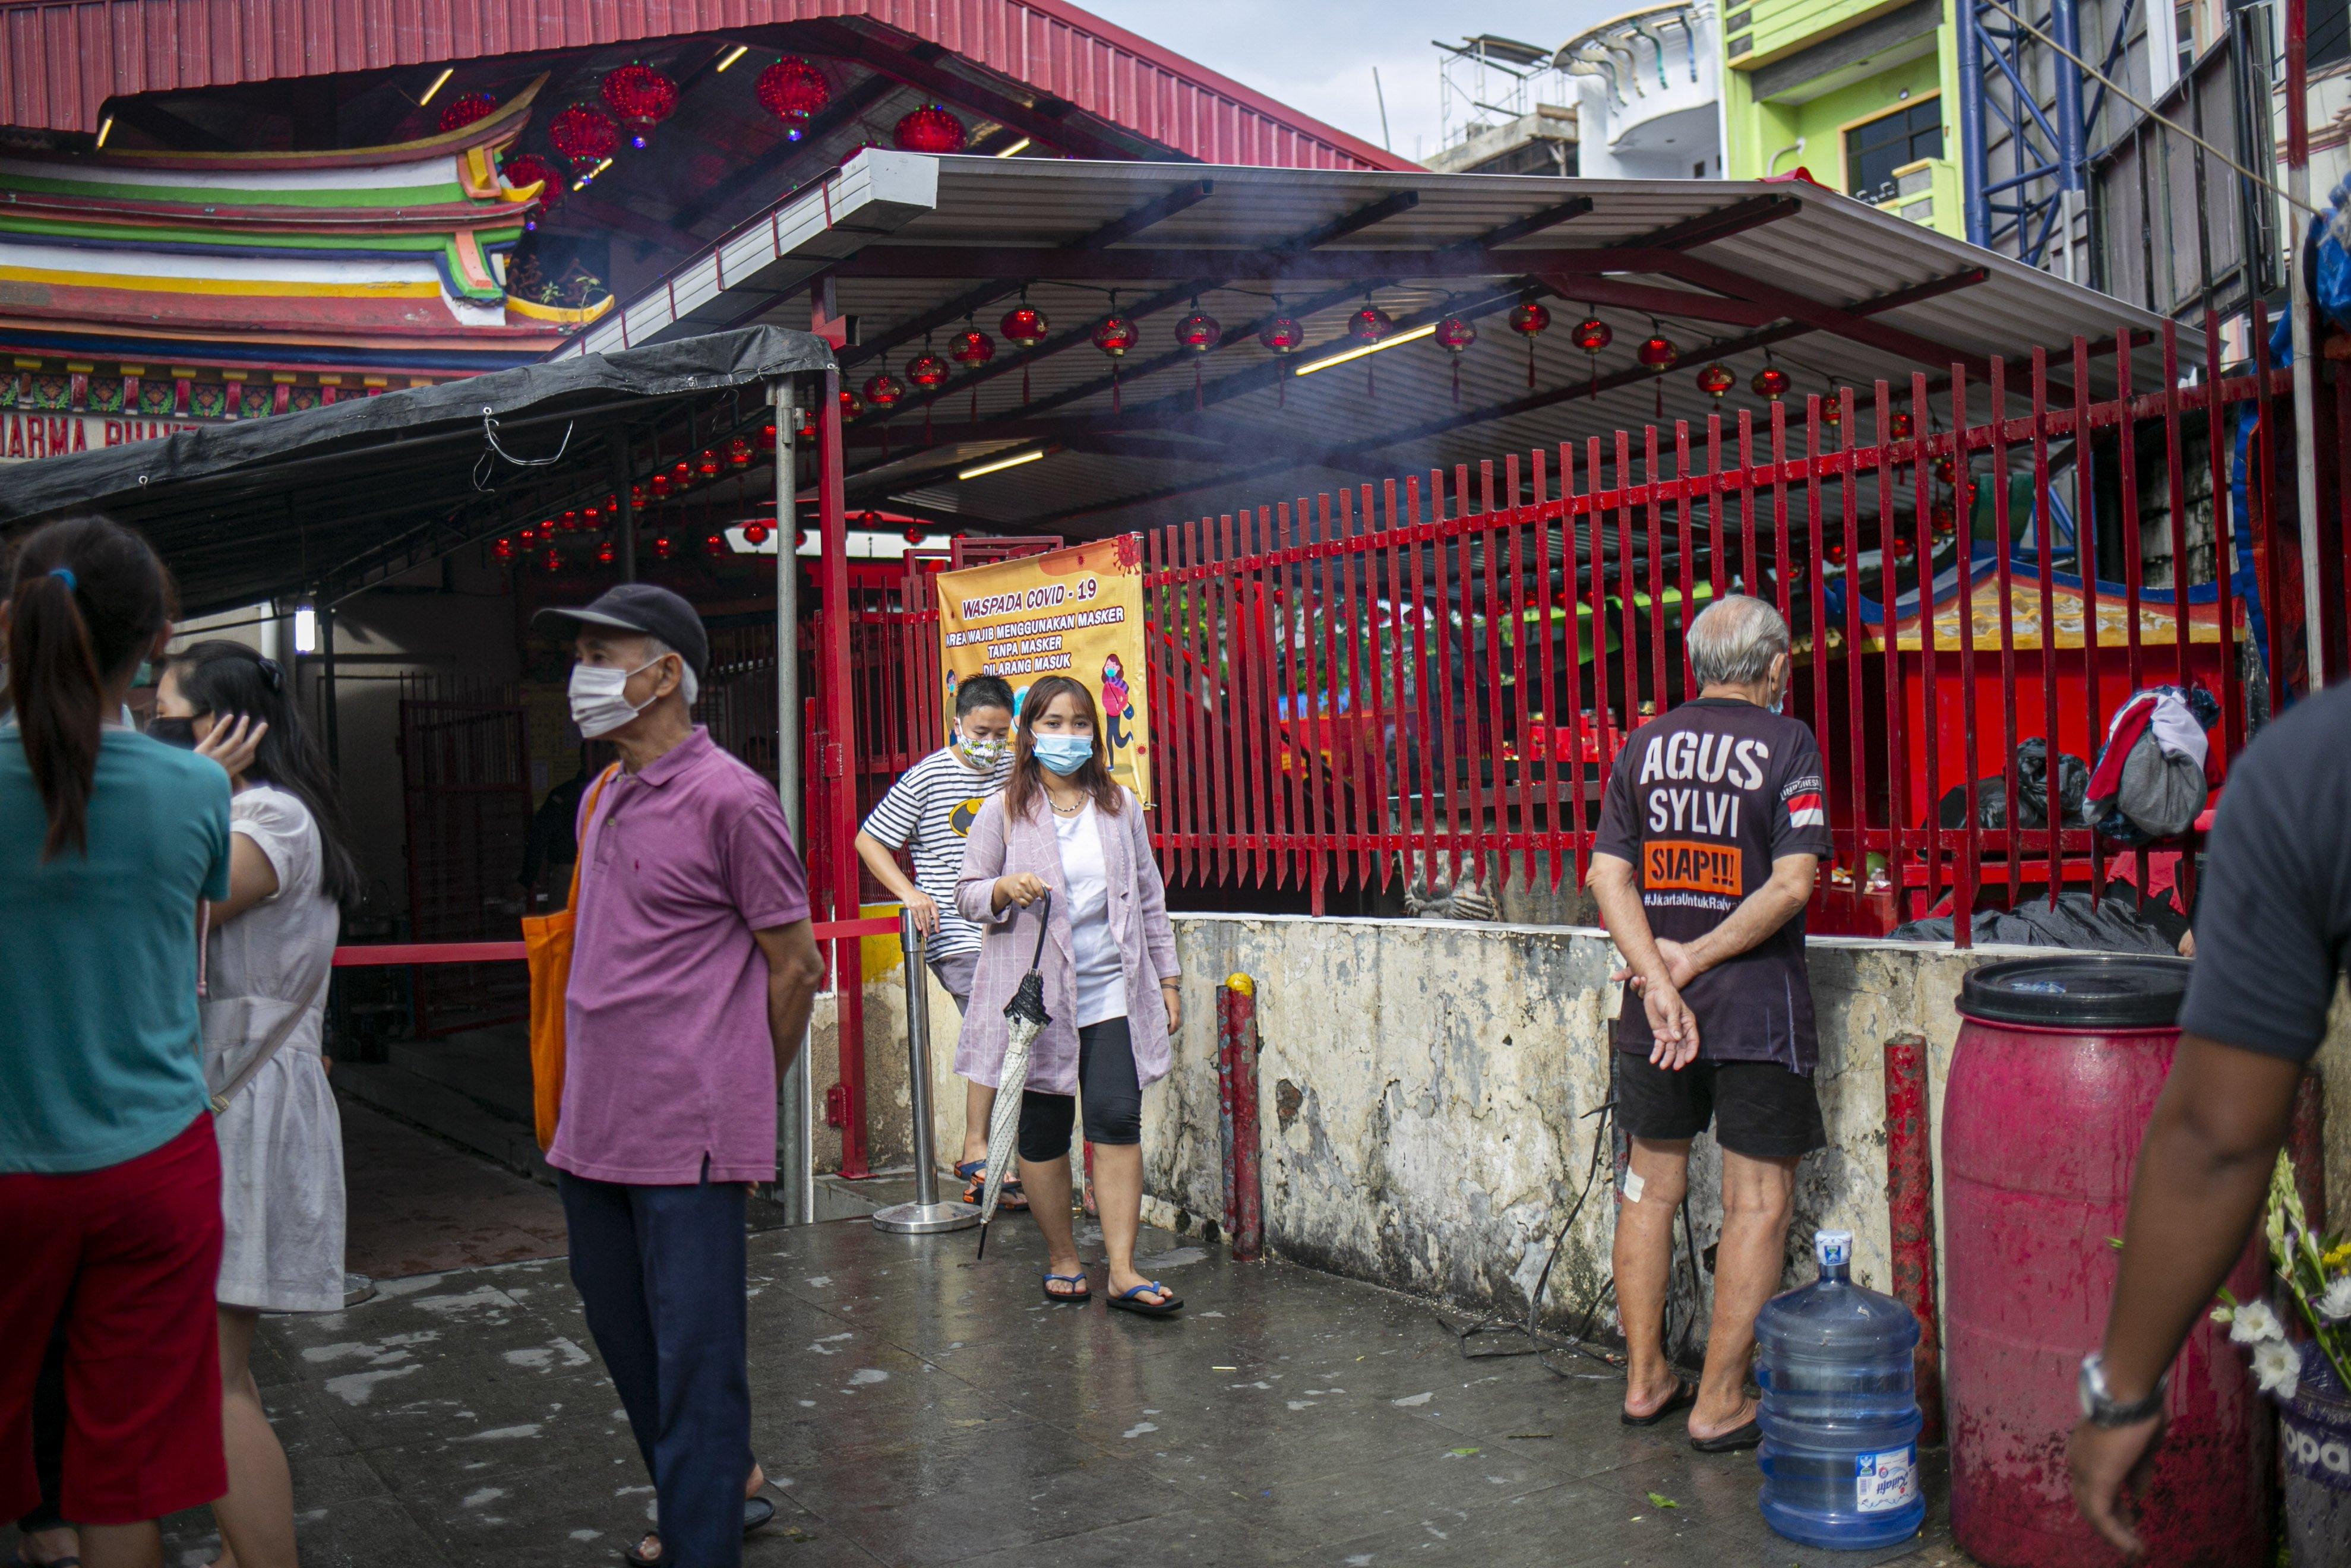 Warga keturunan Tionghoa keluar dari Vihara Dharma Bhakti, Kawasan Petak Sembilan, Glodok, Jakarta, Kamis (11/2/2021). Vihara tersebut menerapkan pembatasan waktu sembahyang serta mewajibkan menjaga jarak dan memakai masker saat sembahyang untuk mencegah penyebaran COVID-19.